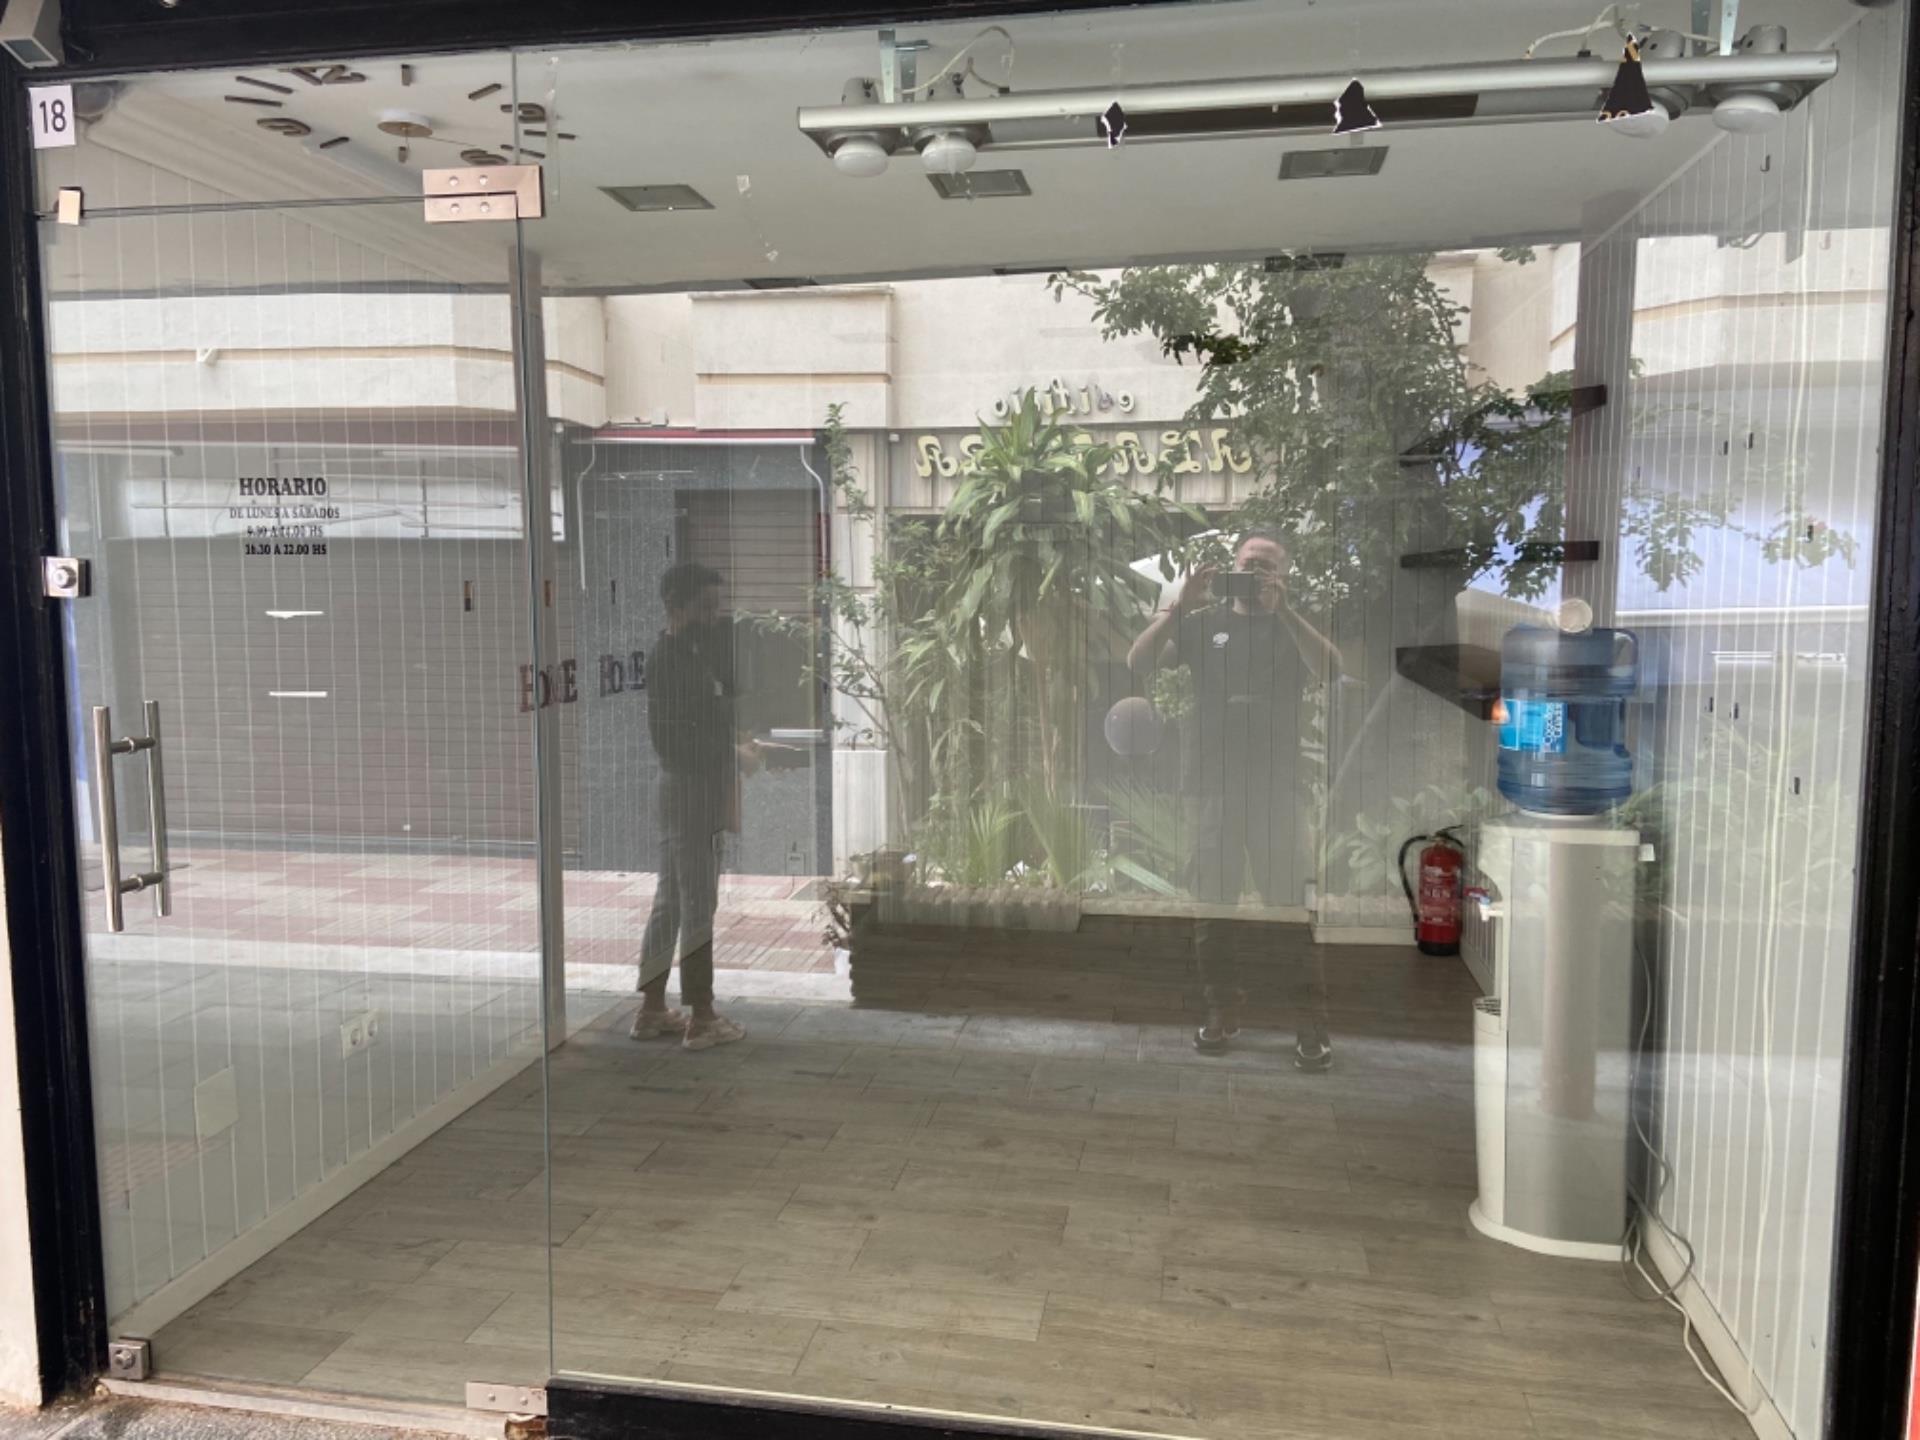 Local de alquiler en Avenida de Ricardo Soriano, 31 Ricardo Soriano (Marbella, Málaga)